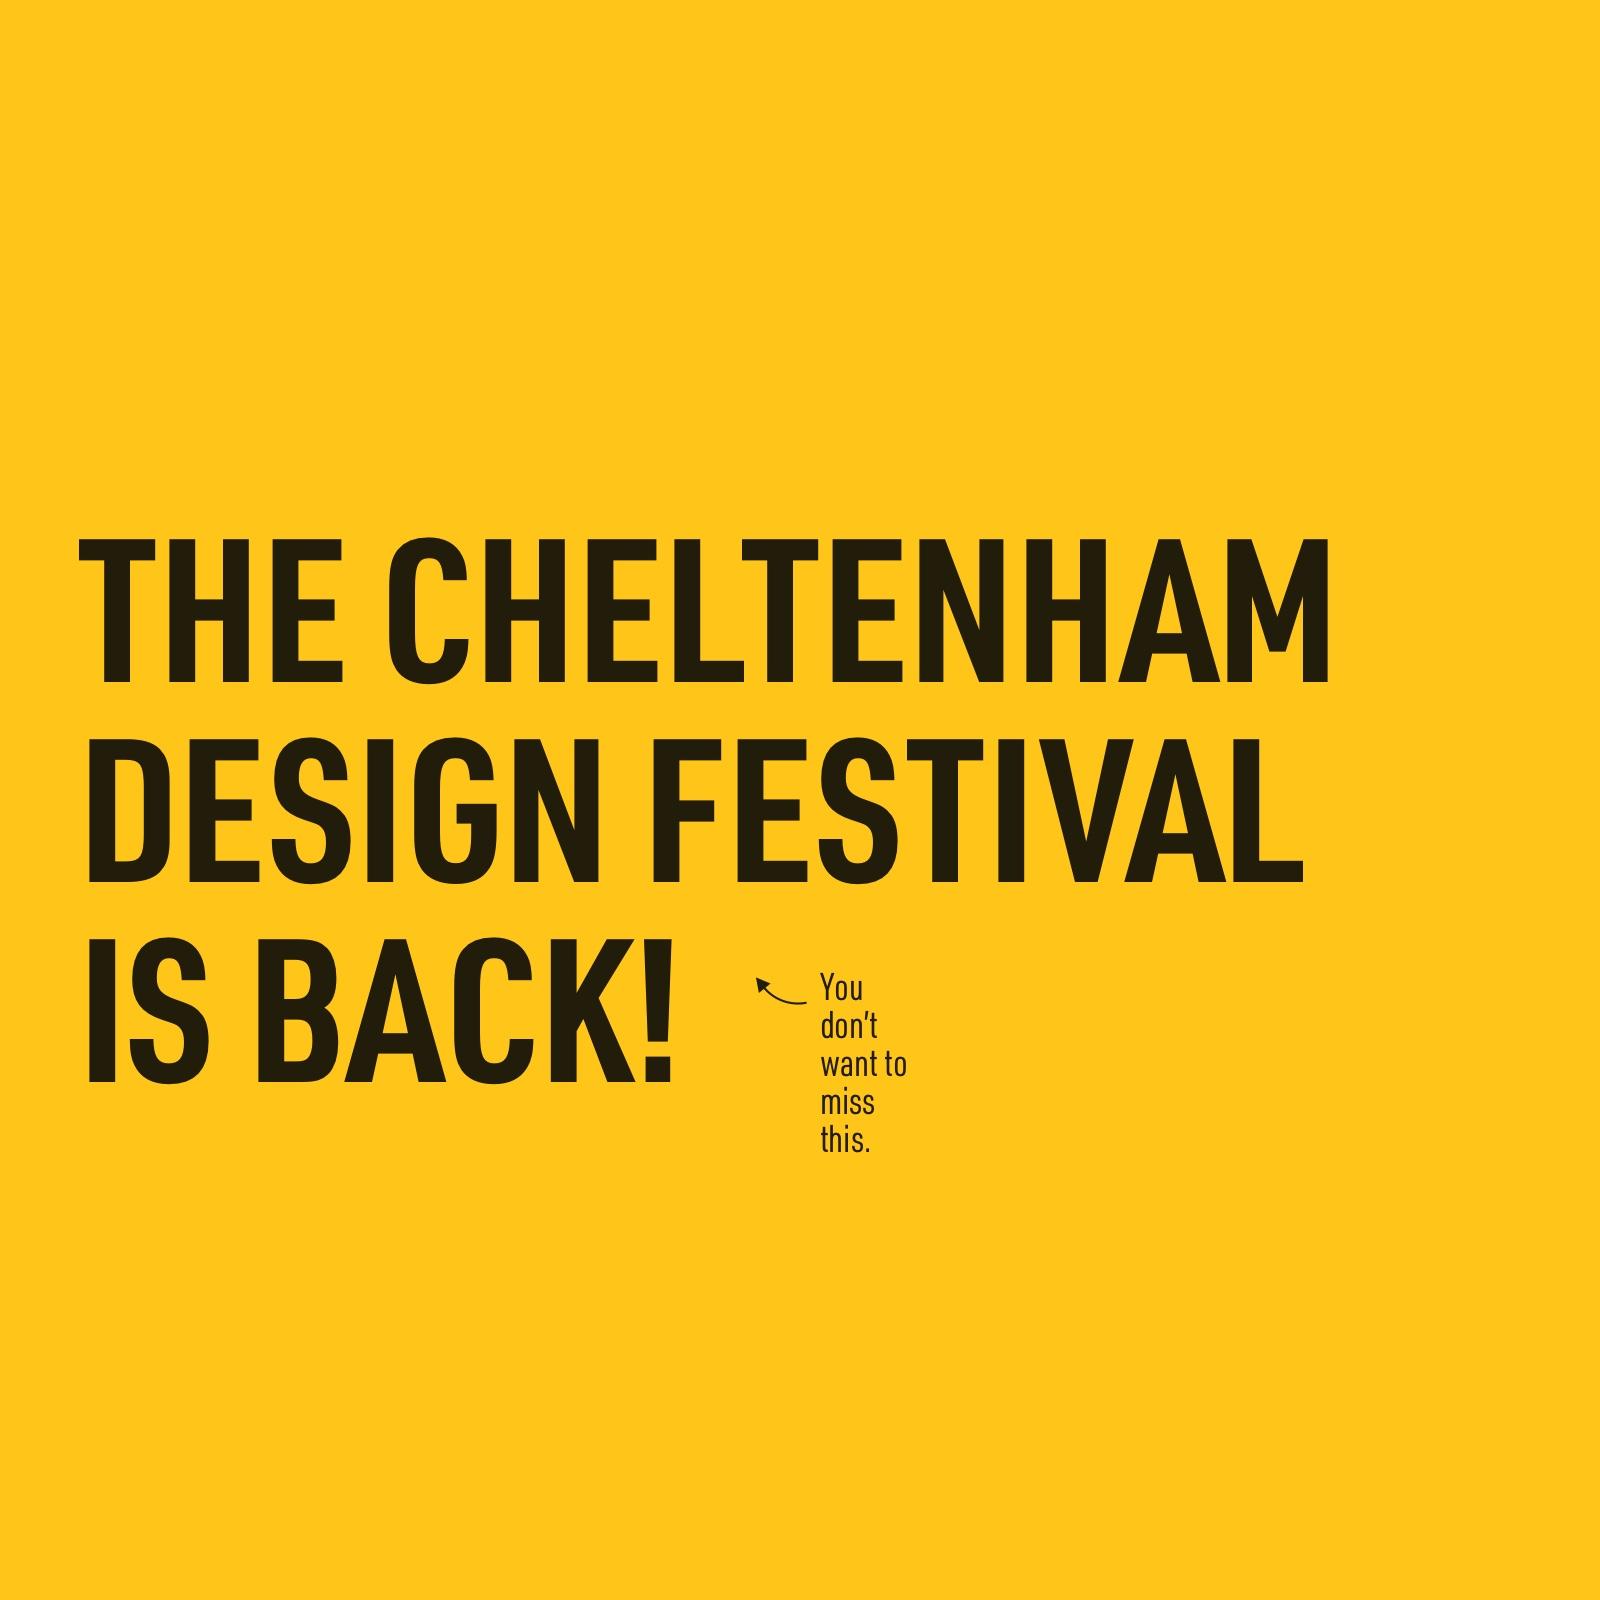 Cheltenham design festival is back